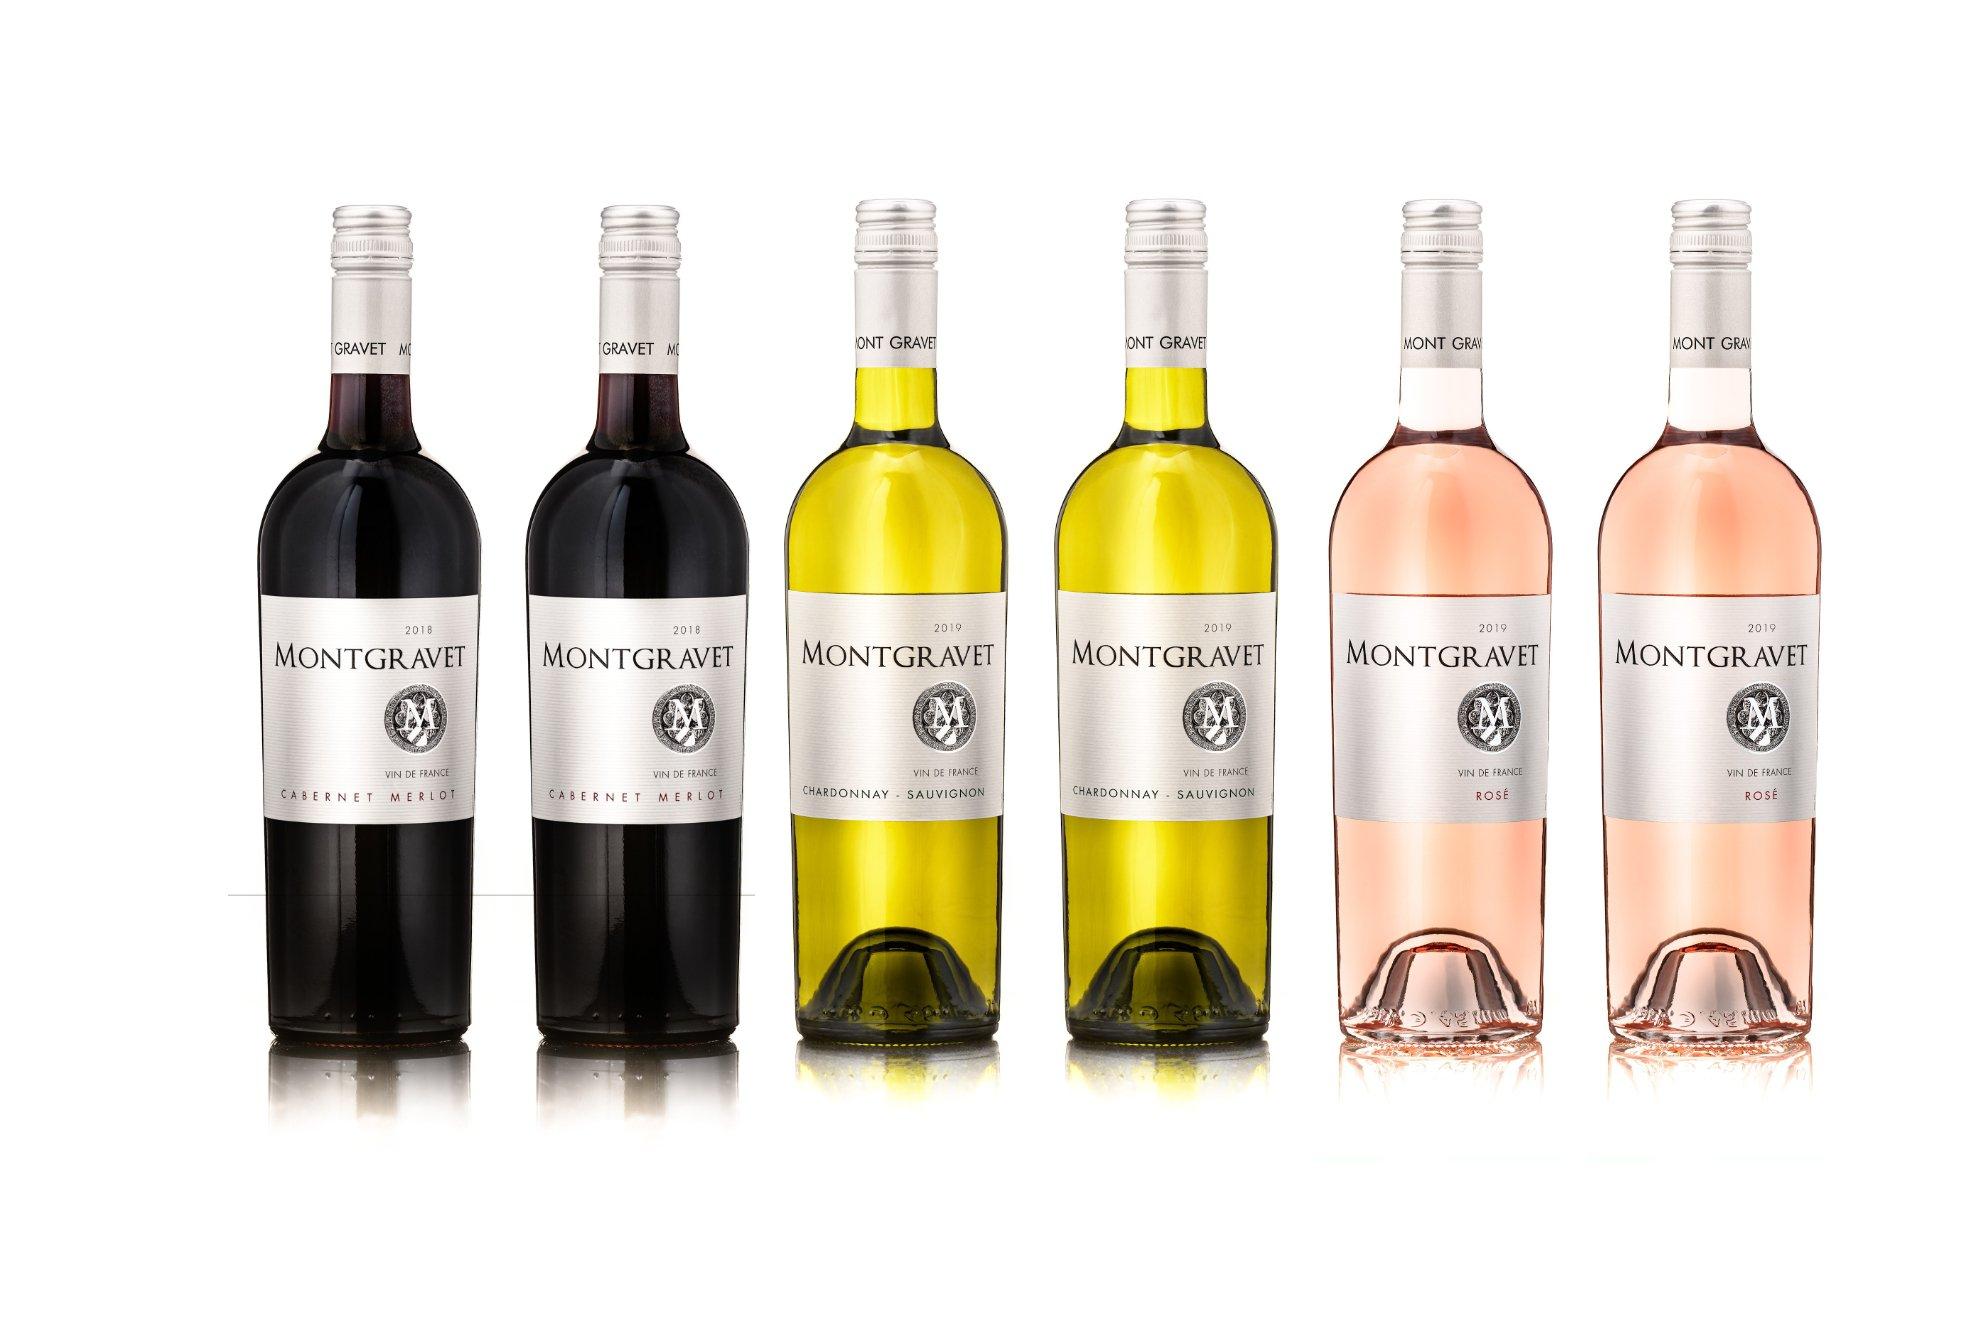 6er Weinbox Montgravet Vin de France 2018 - 2x Cabernet Merlot - 2x Chardonnay Sauvignon - 2x Rosé | 12 - 13 % vol | 6 x 0,75 l